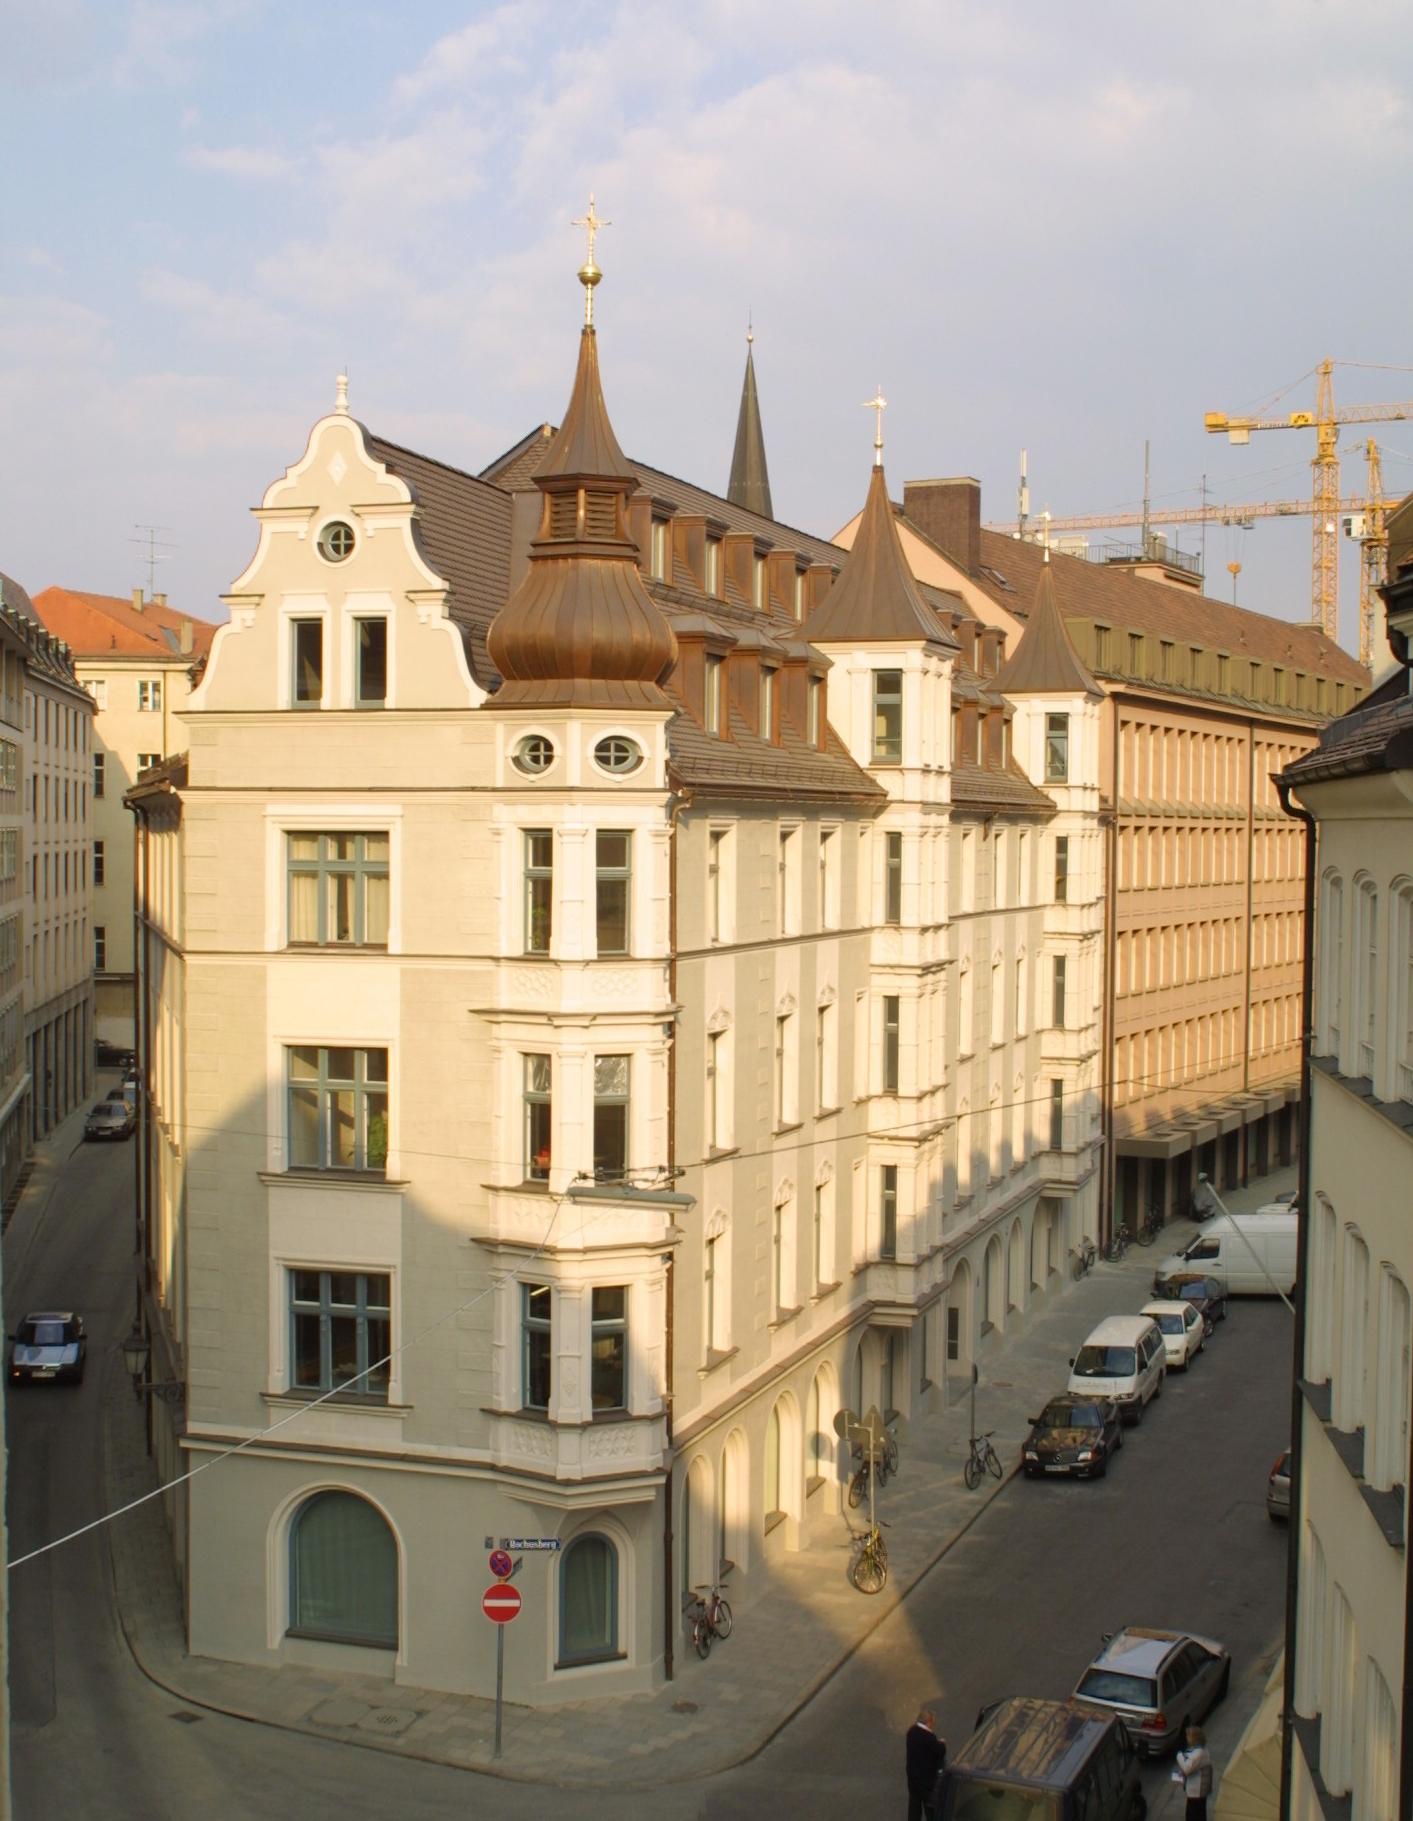 Unutzung, Erweiterung + Teilentkernung Denkmal geschütztes Gebäude, München